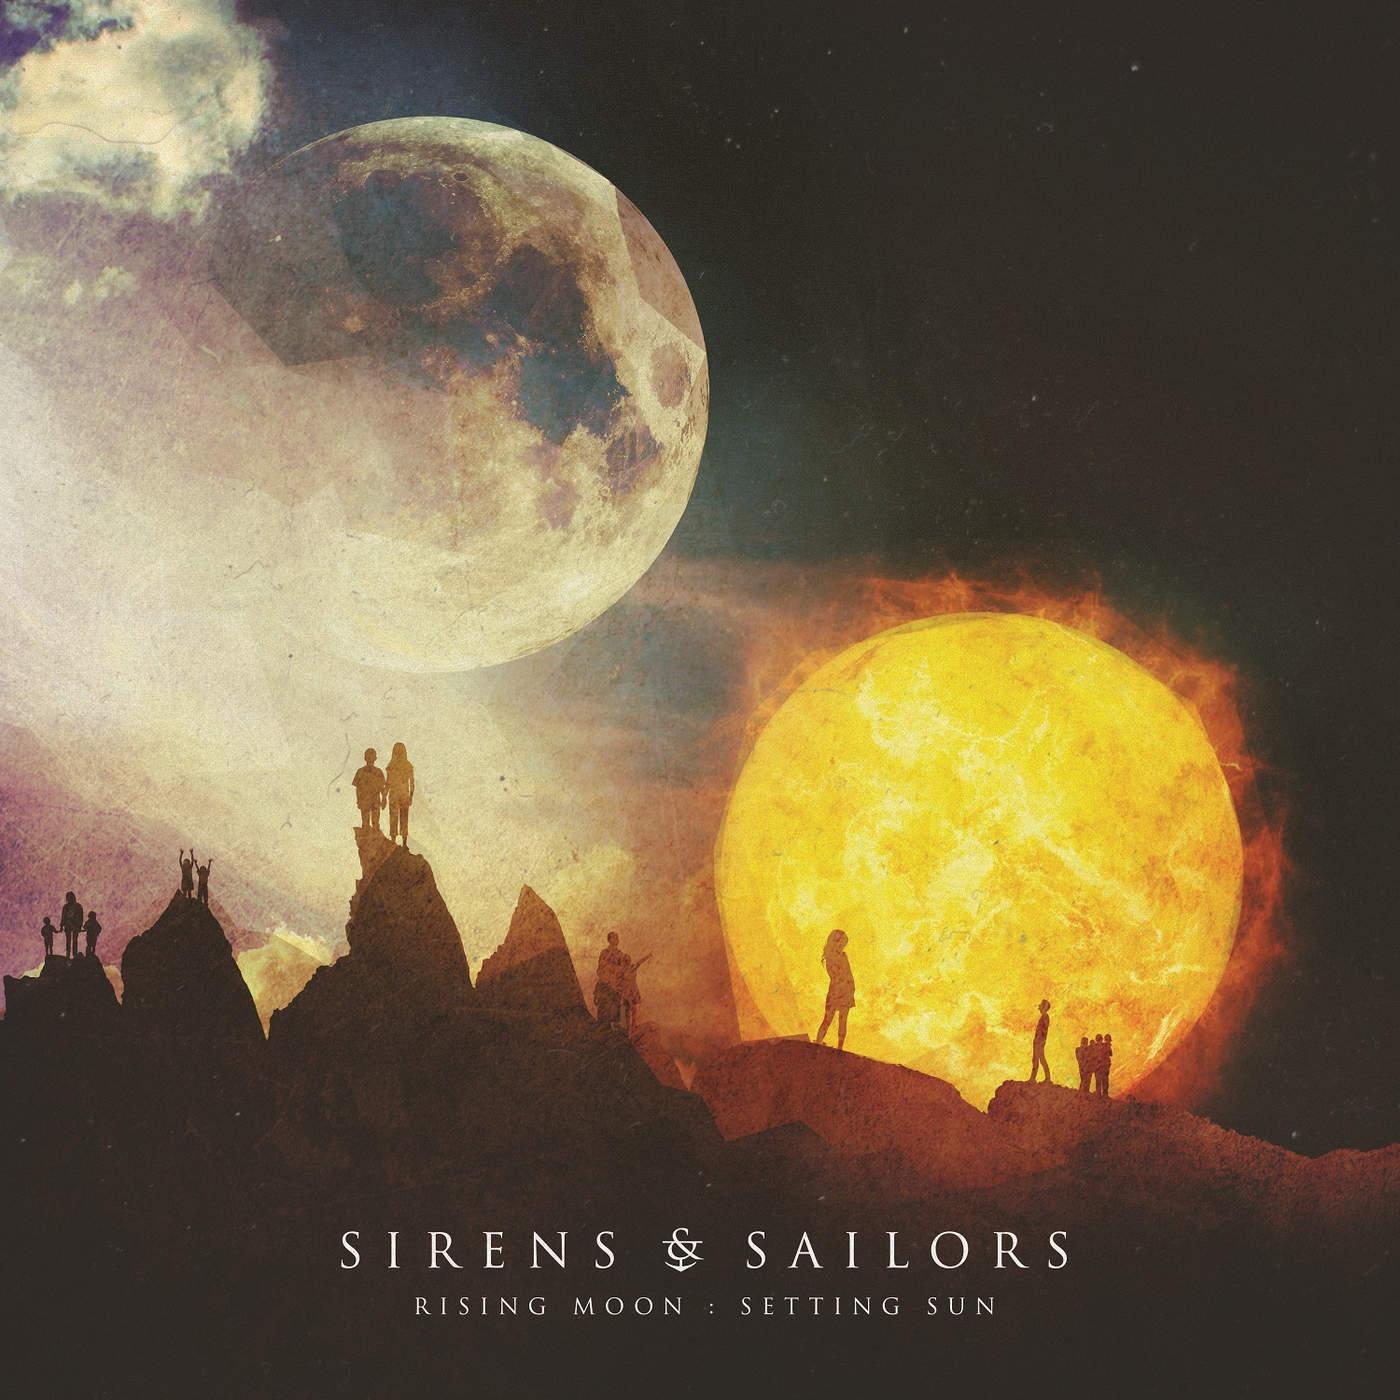 Sirens & Sailors - Rising Moon: Setting Sun (2015)